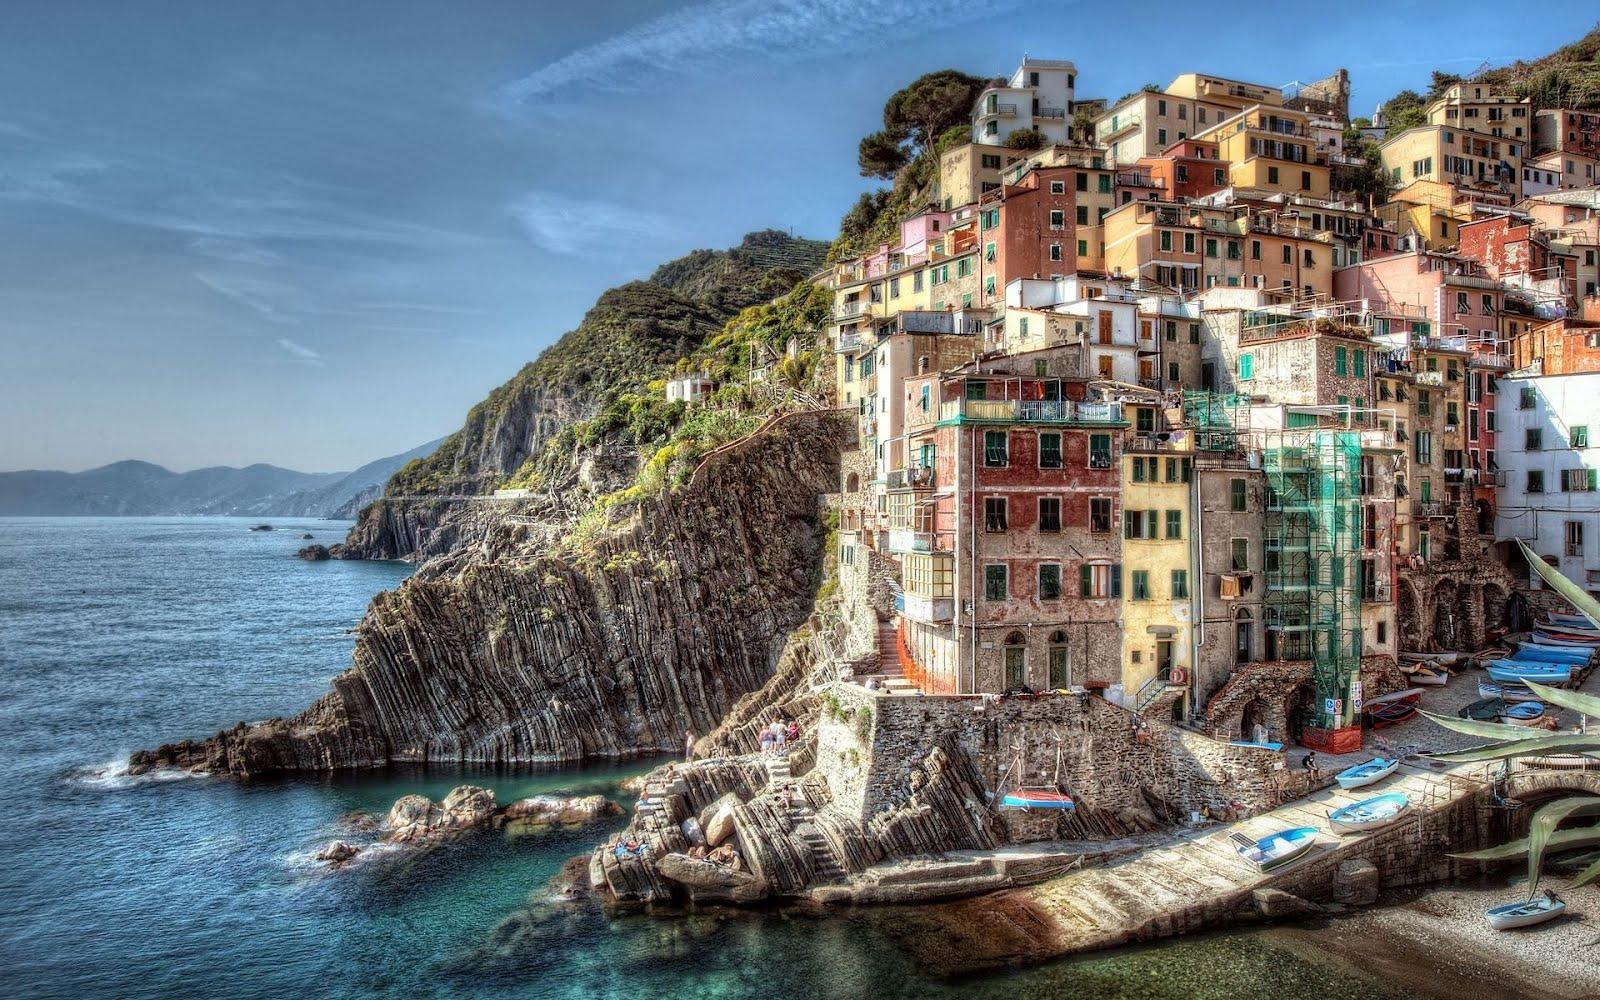 Fotografía de Riomaggiore, Italia en HDR (Wallpaper de 1920x1200)